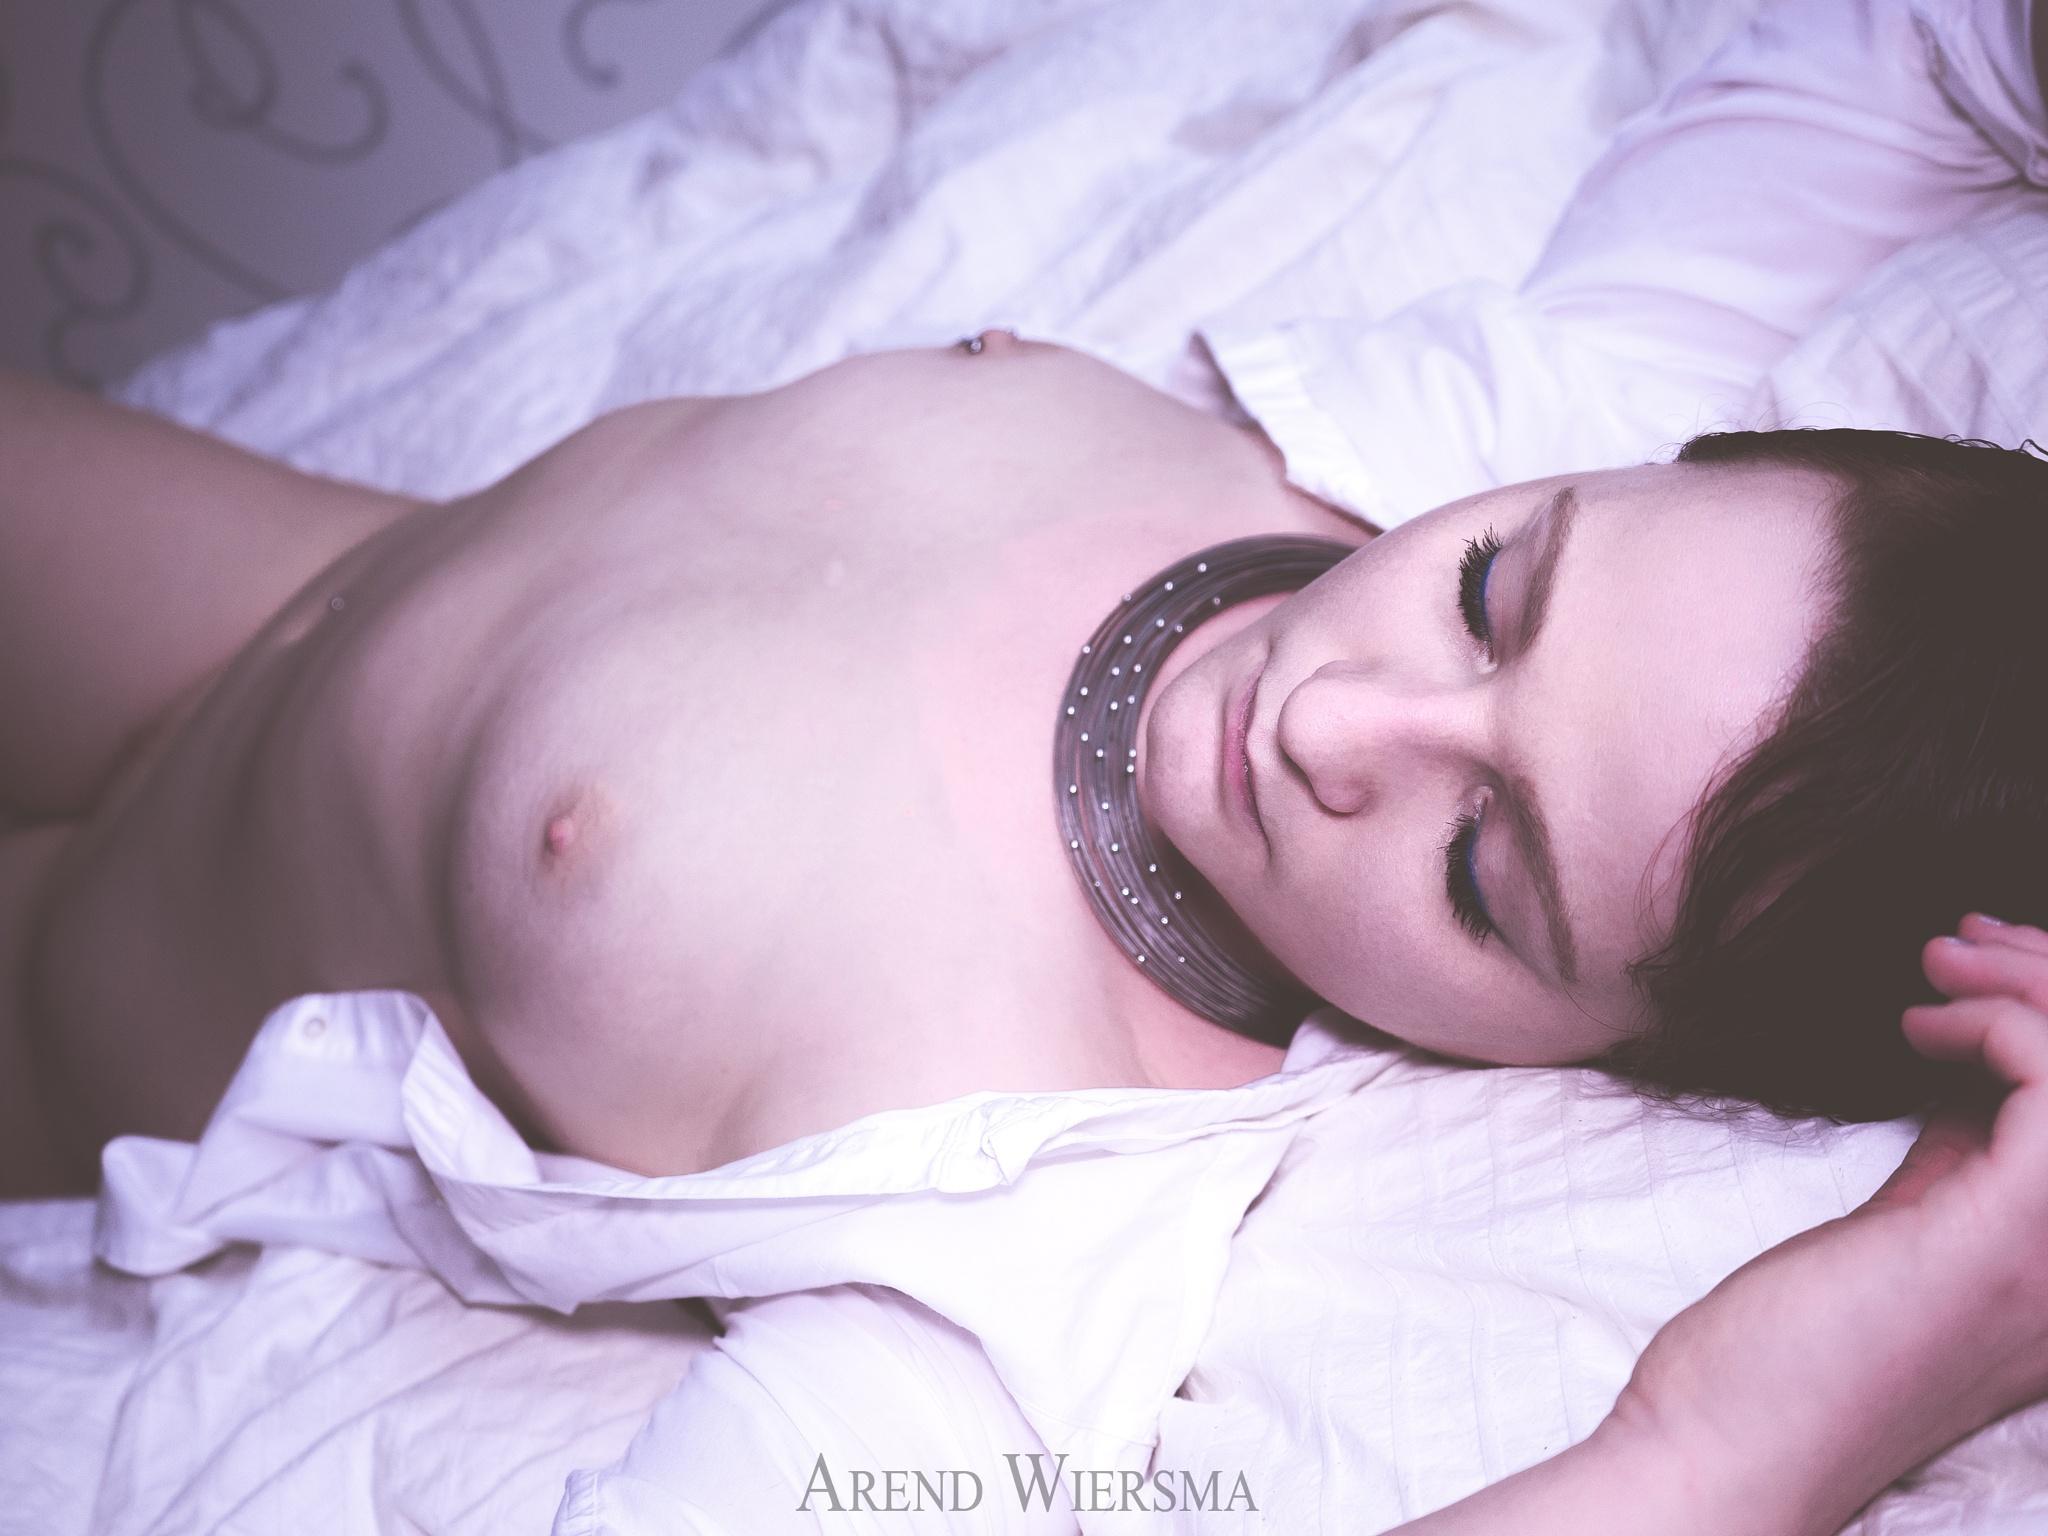 Sleeping beauty by Arend Wiersma